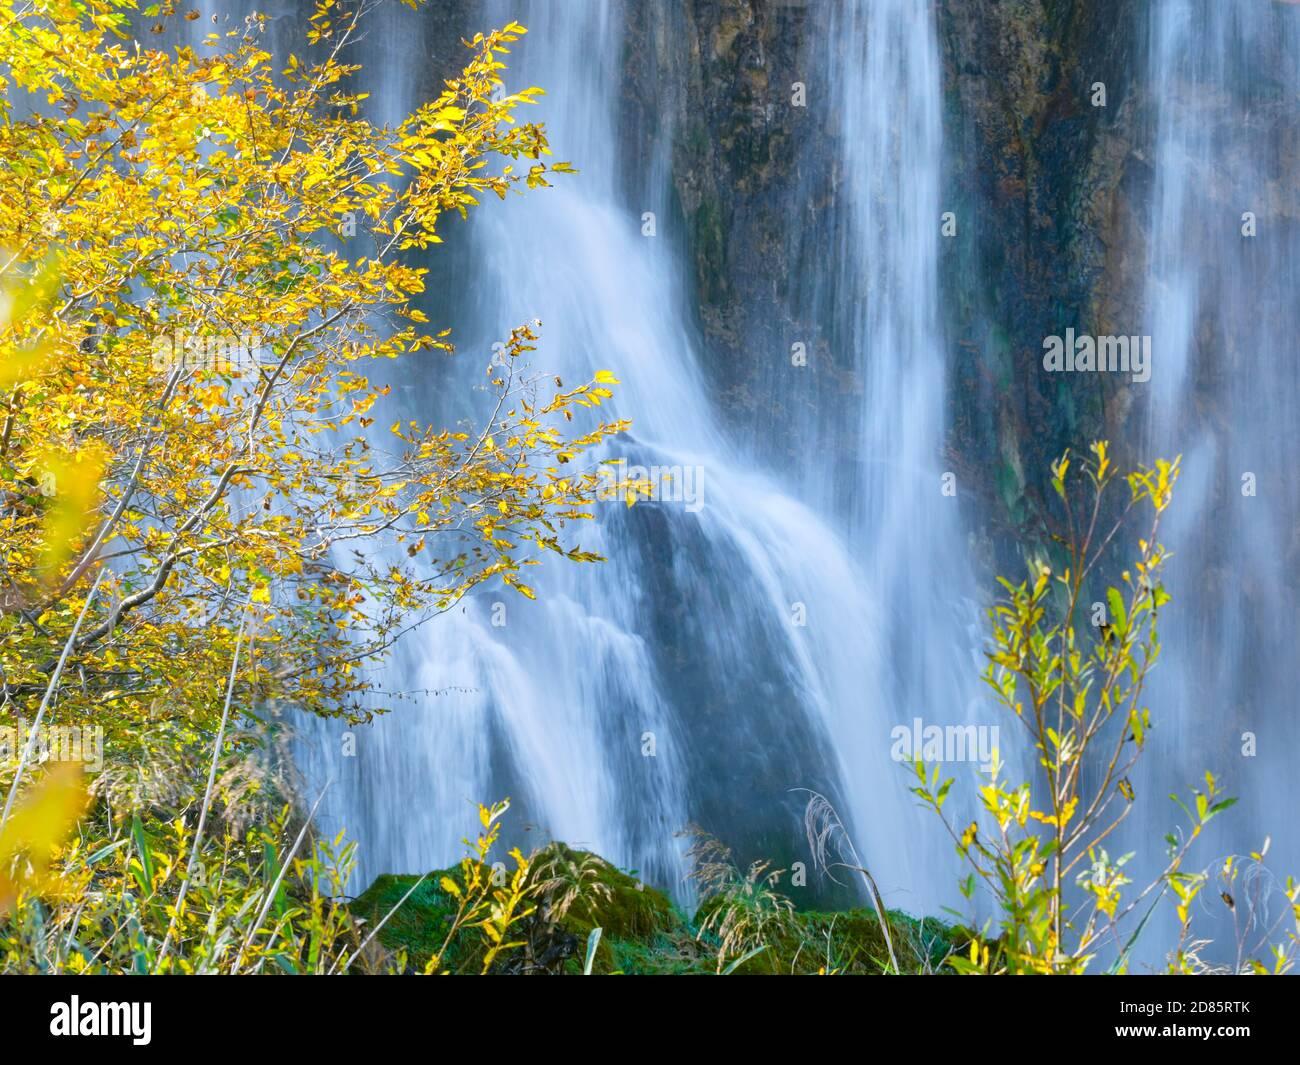 Fluido agua fluyendo verter cascadas cascada larga exposición detrás Paisaje otoñal en el parque nacional de los lagos de Plitvice situado en Croacia Europa Foto de stock